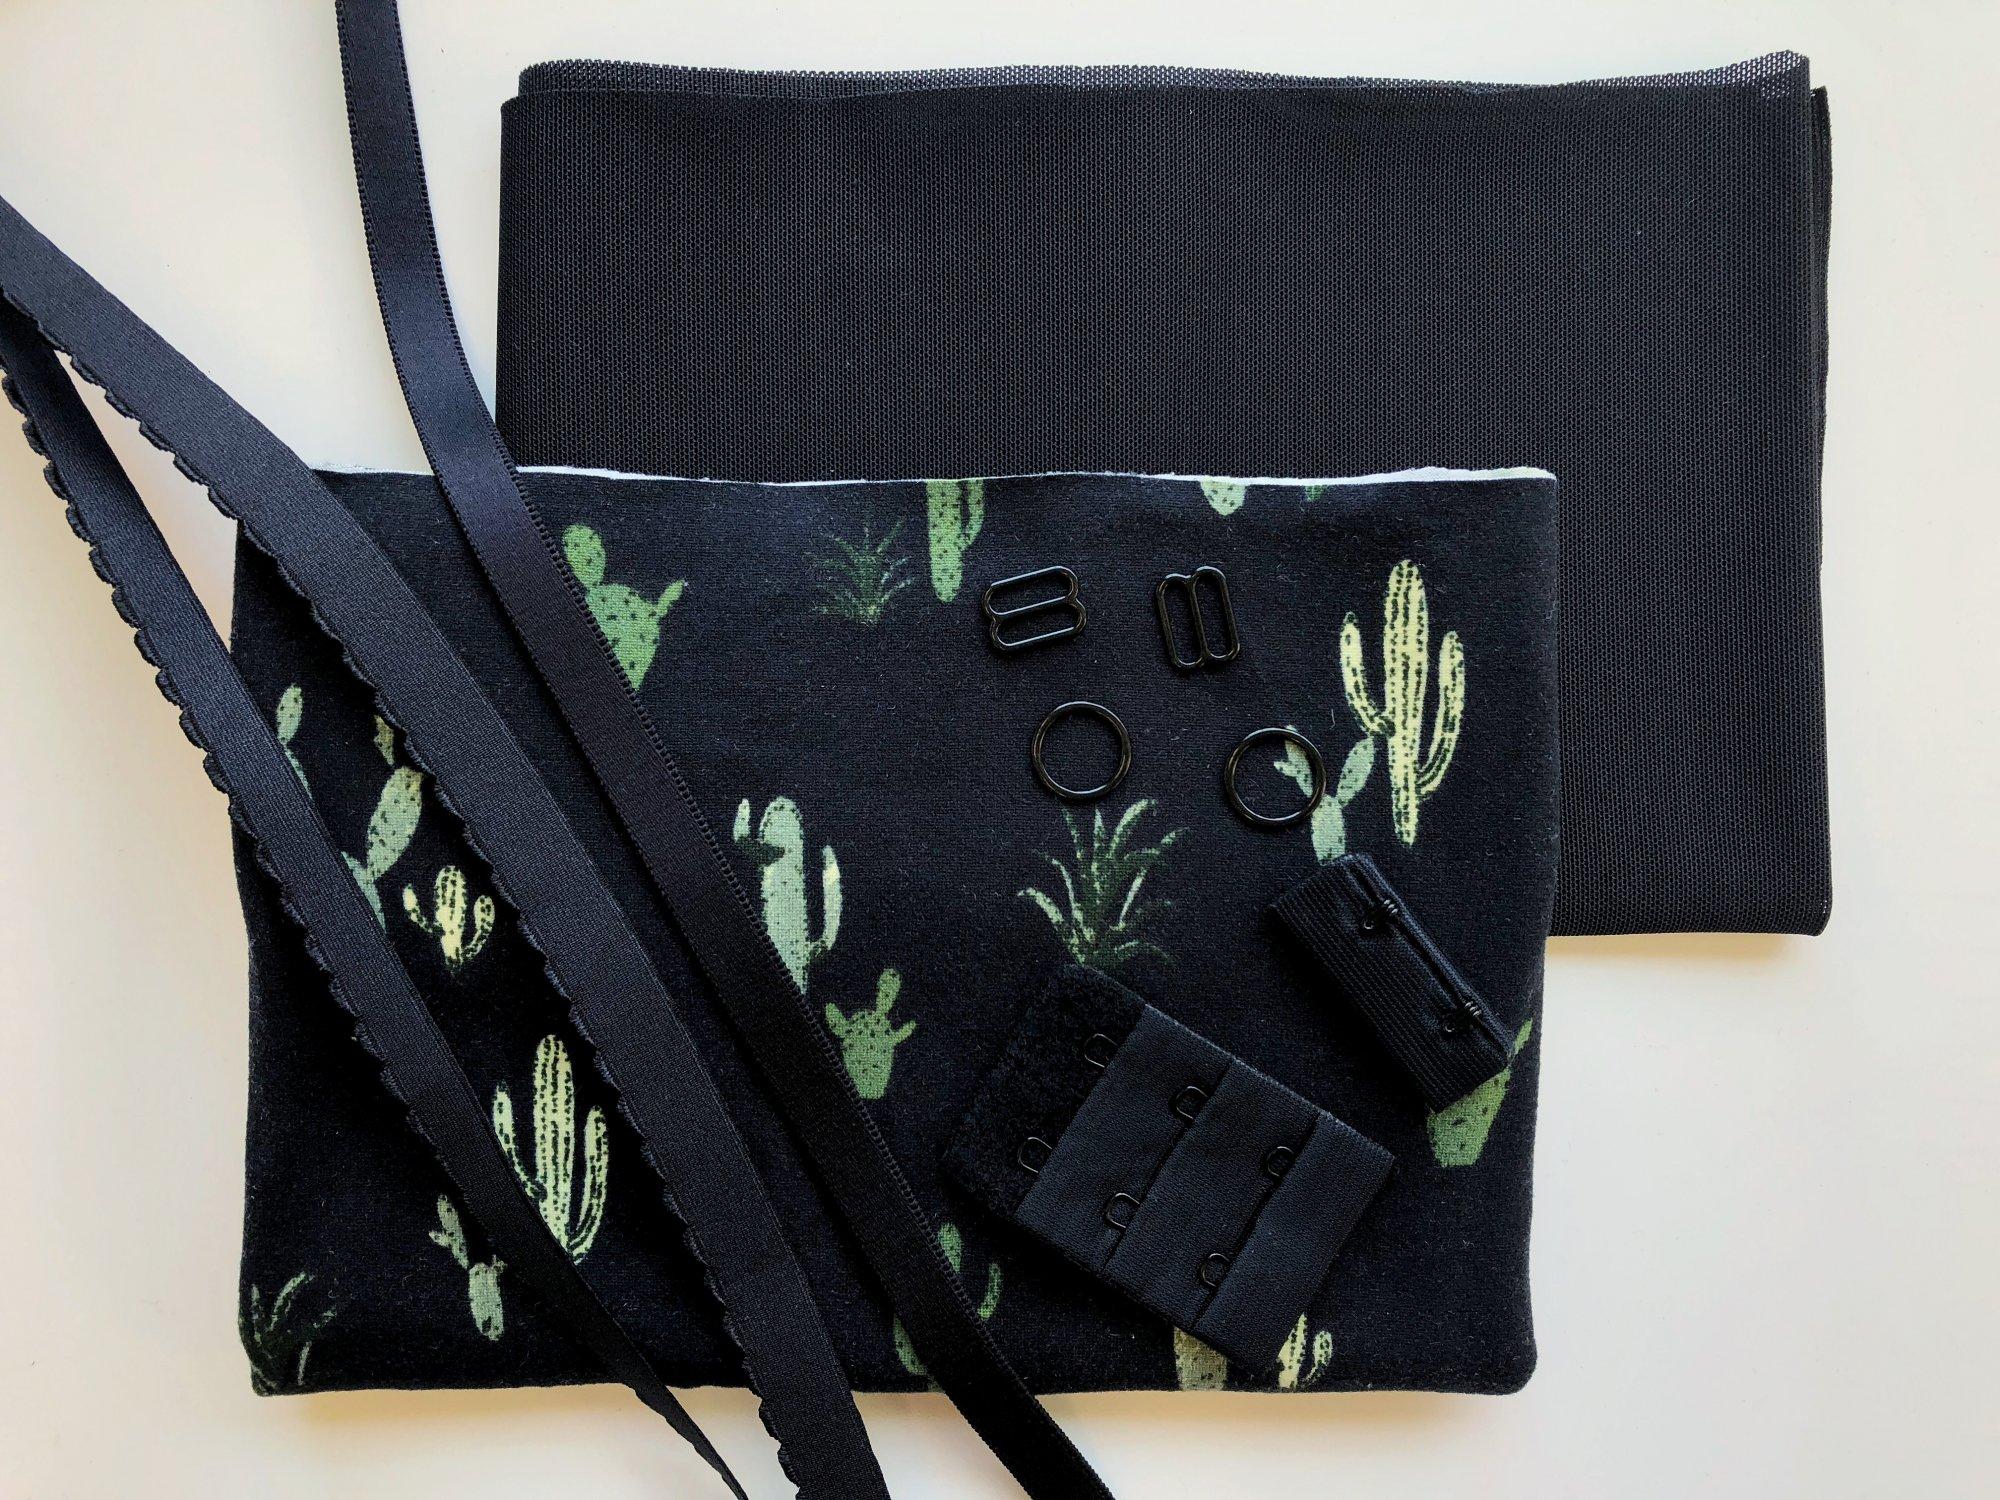 Painted Desert Soft Bra Kit - Black